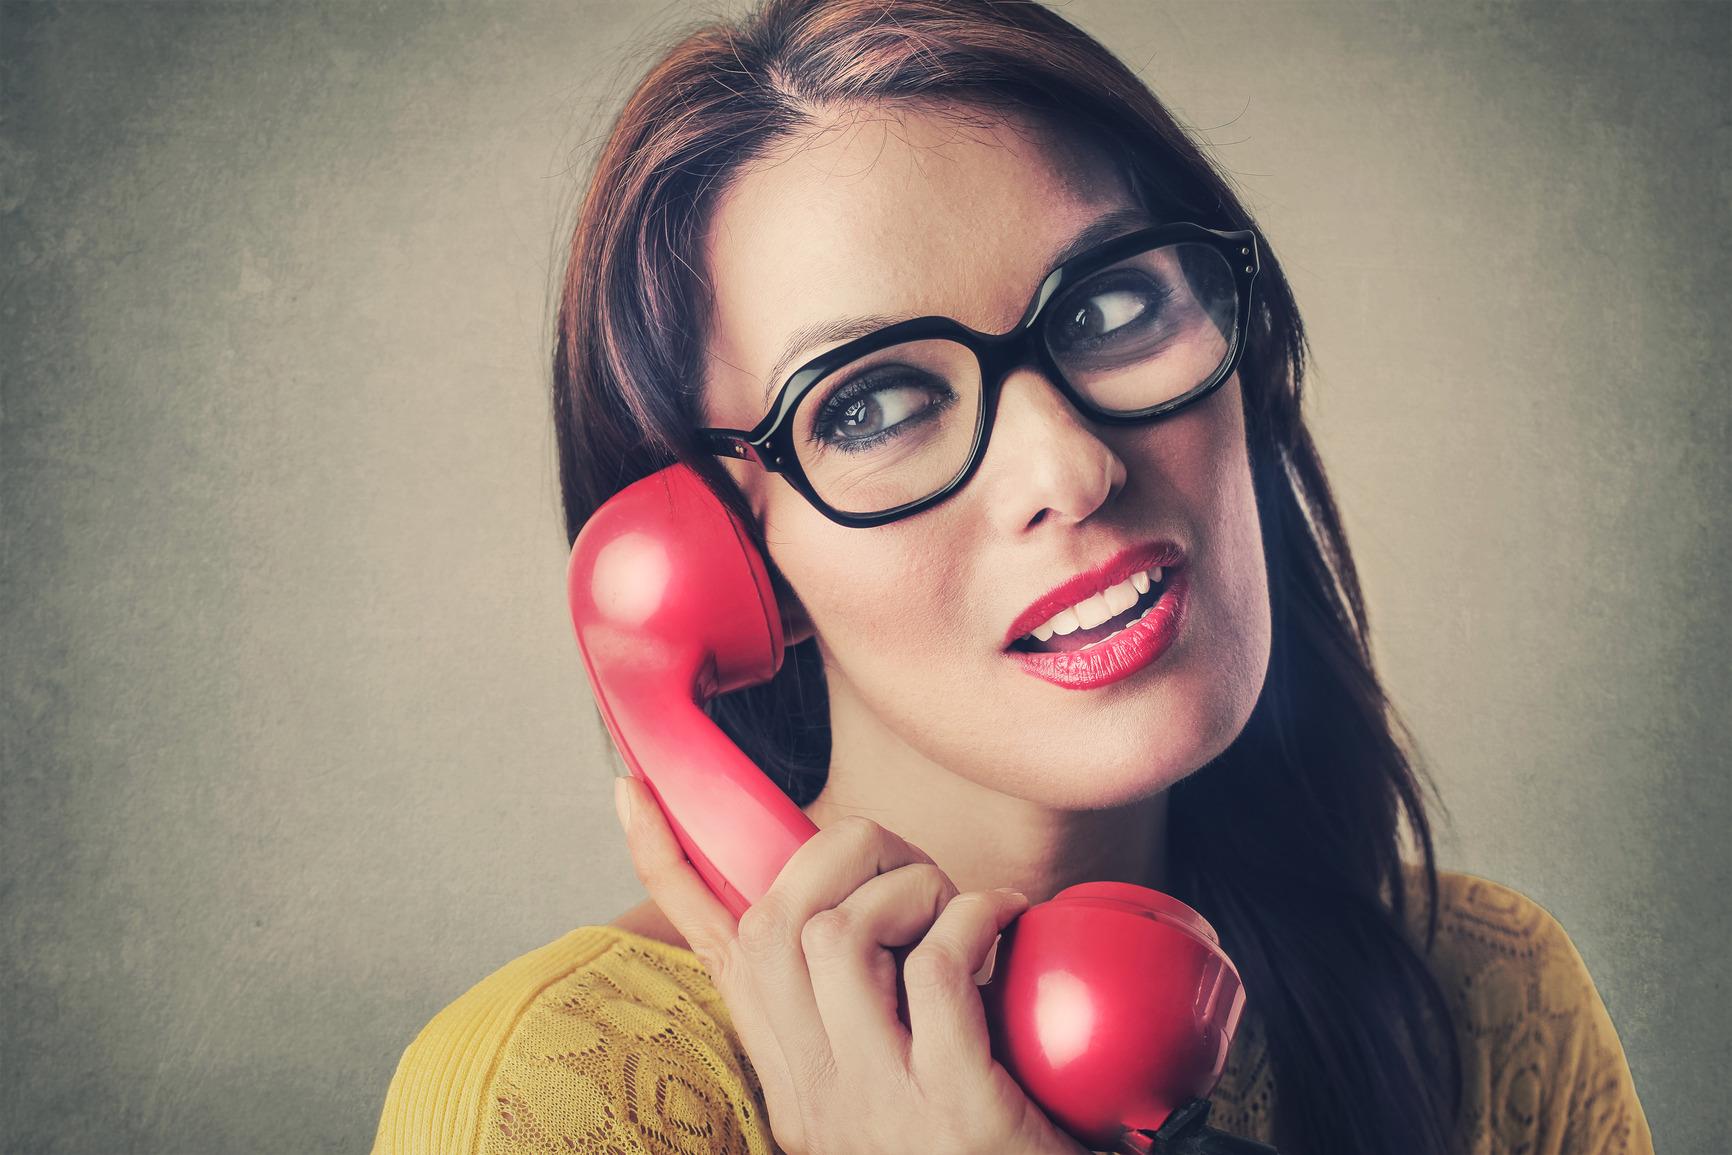 Telefonangst - Teil 3:  Wie besiege ich die Angst?